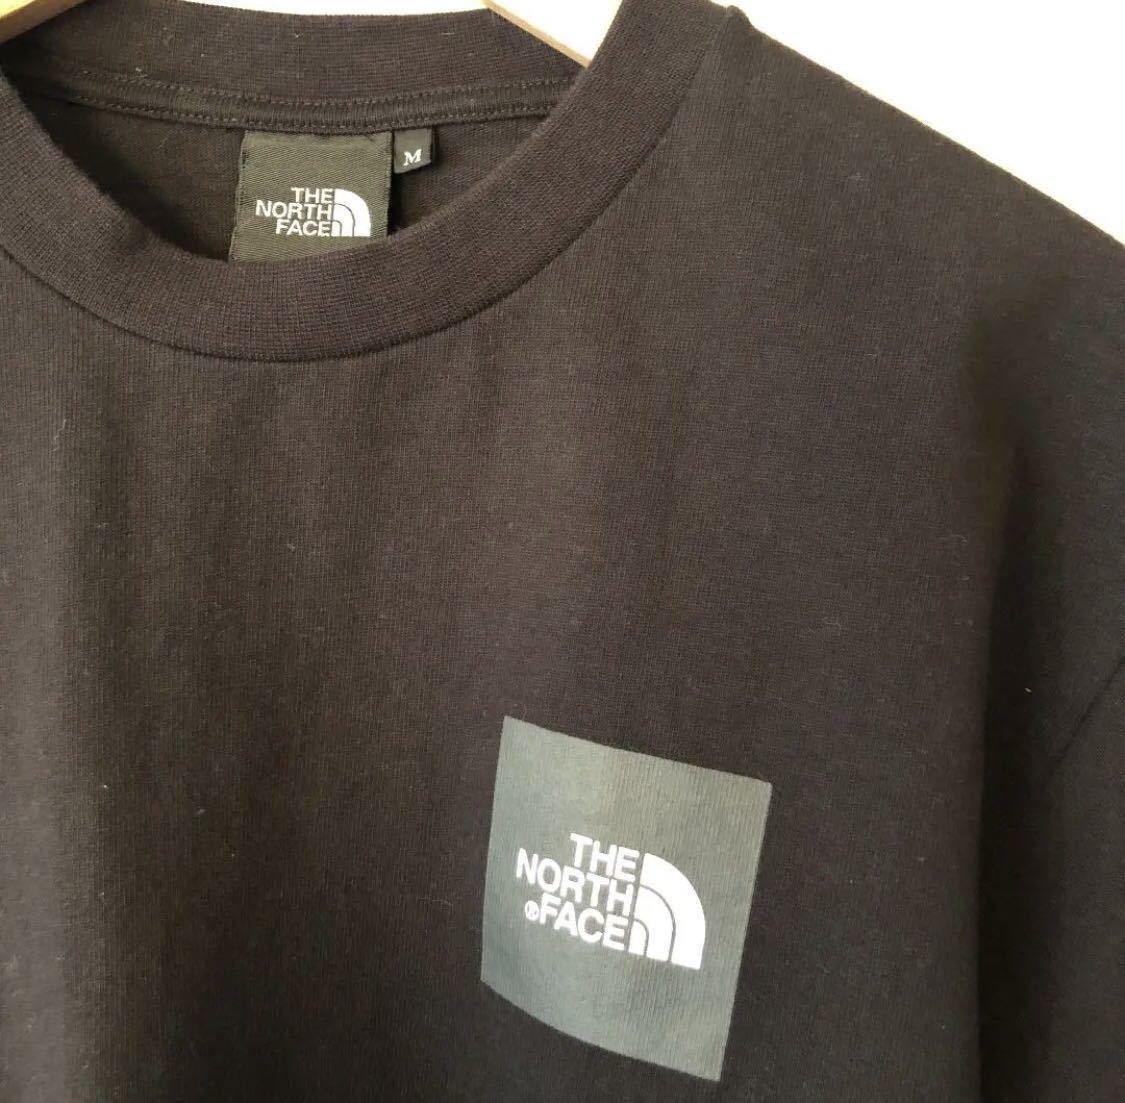 ノースフェイス ボックスロゴ Tシャツ Mサイズ ブラック シュプリーム カットソー_画像2